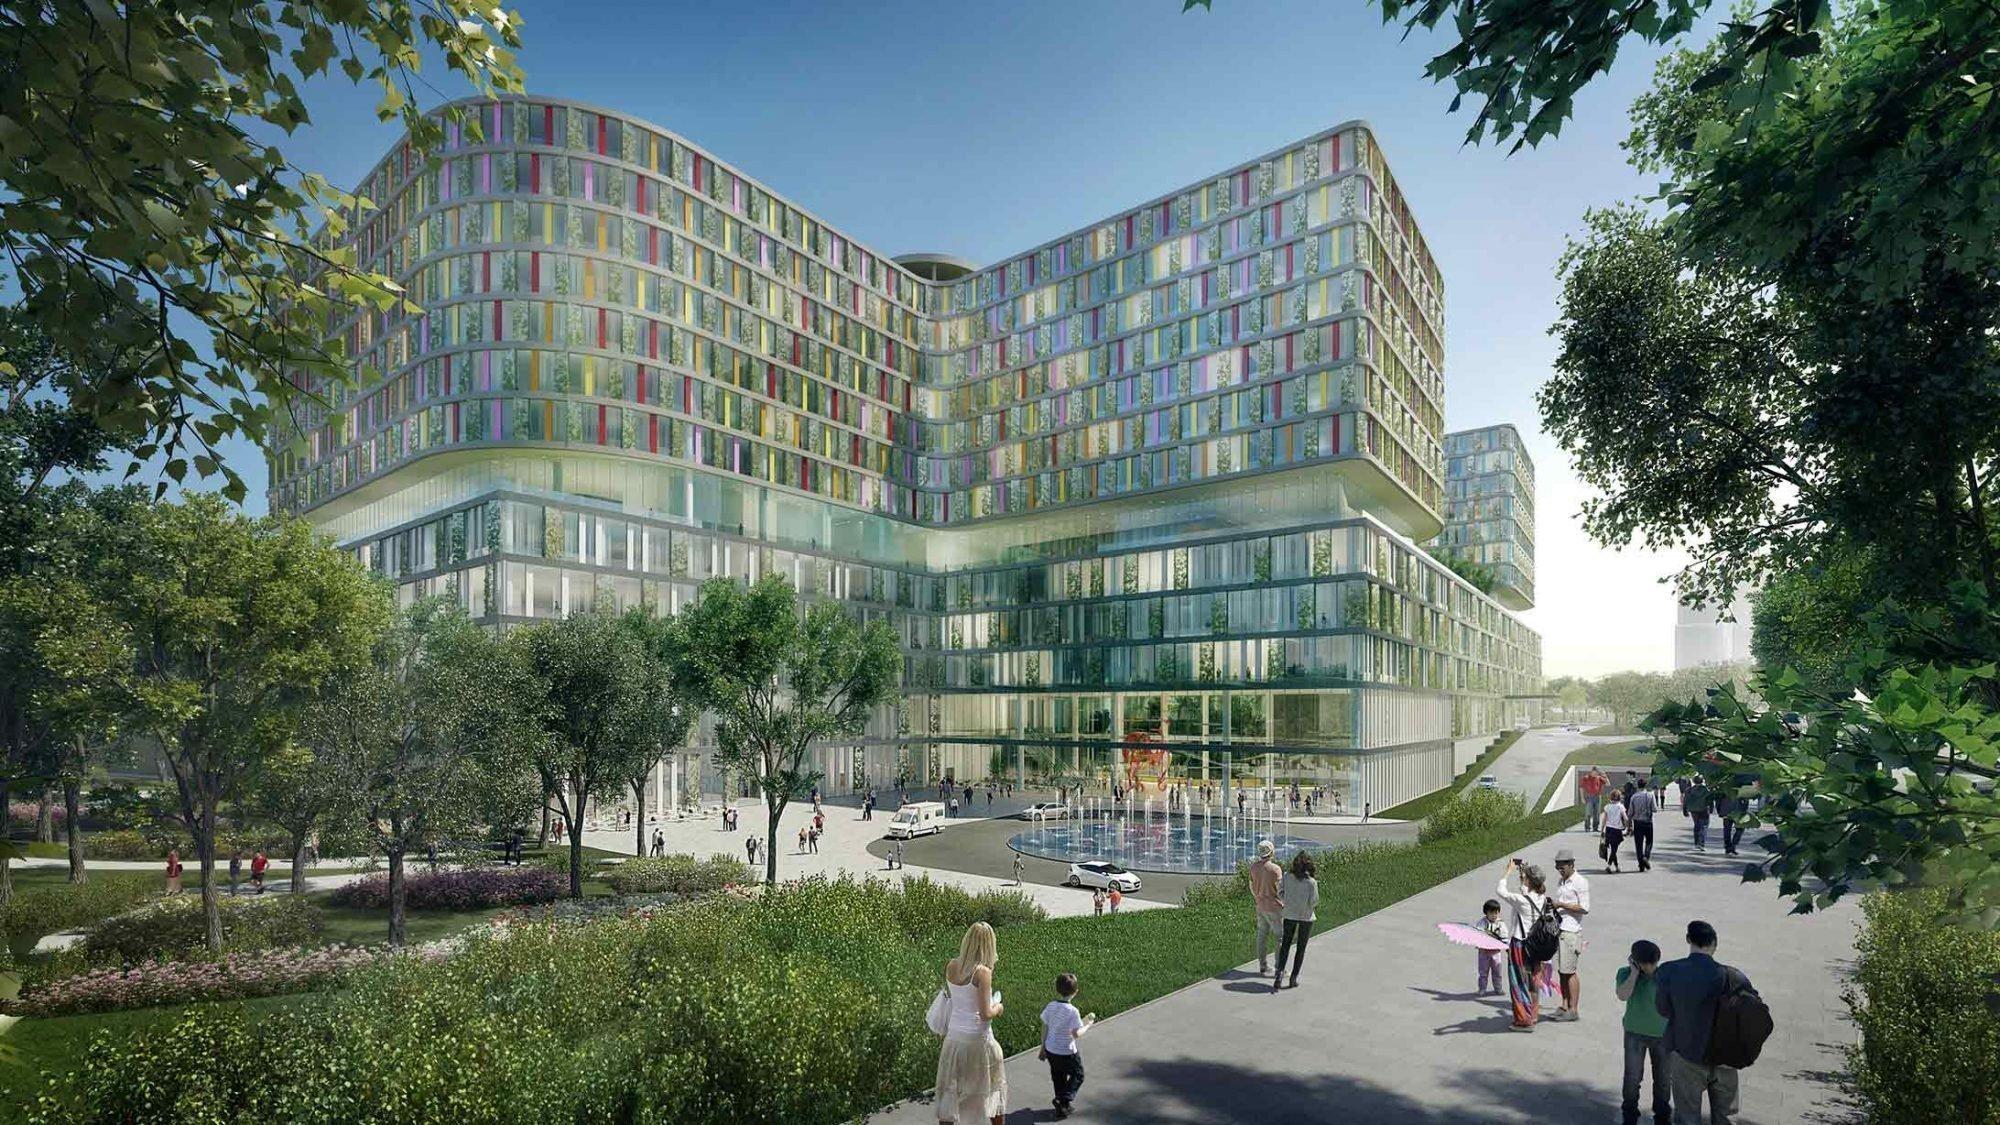 Healing Architecture am Beispiel des Spitals in Shenzhen